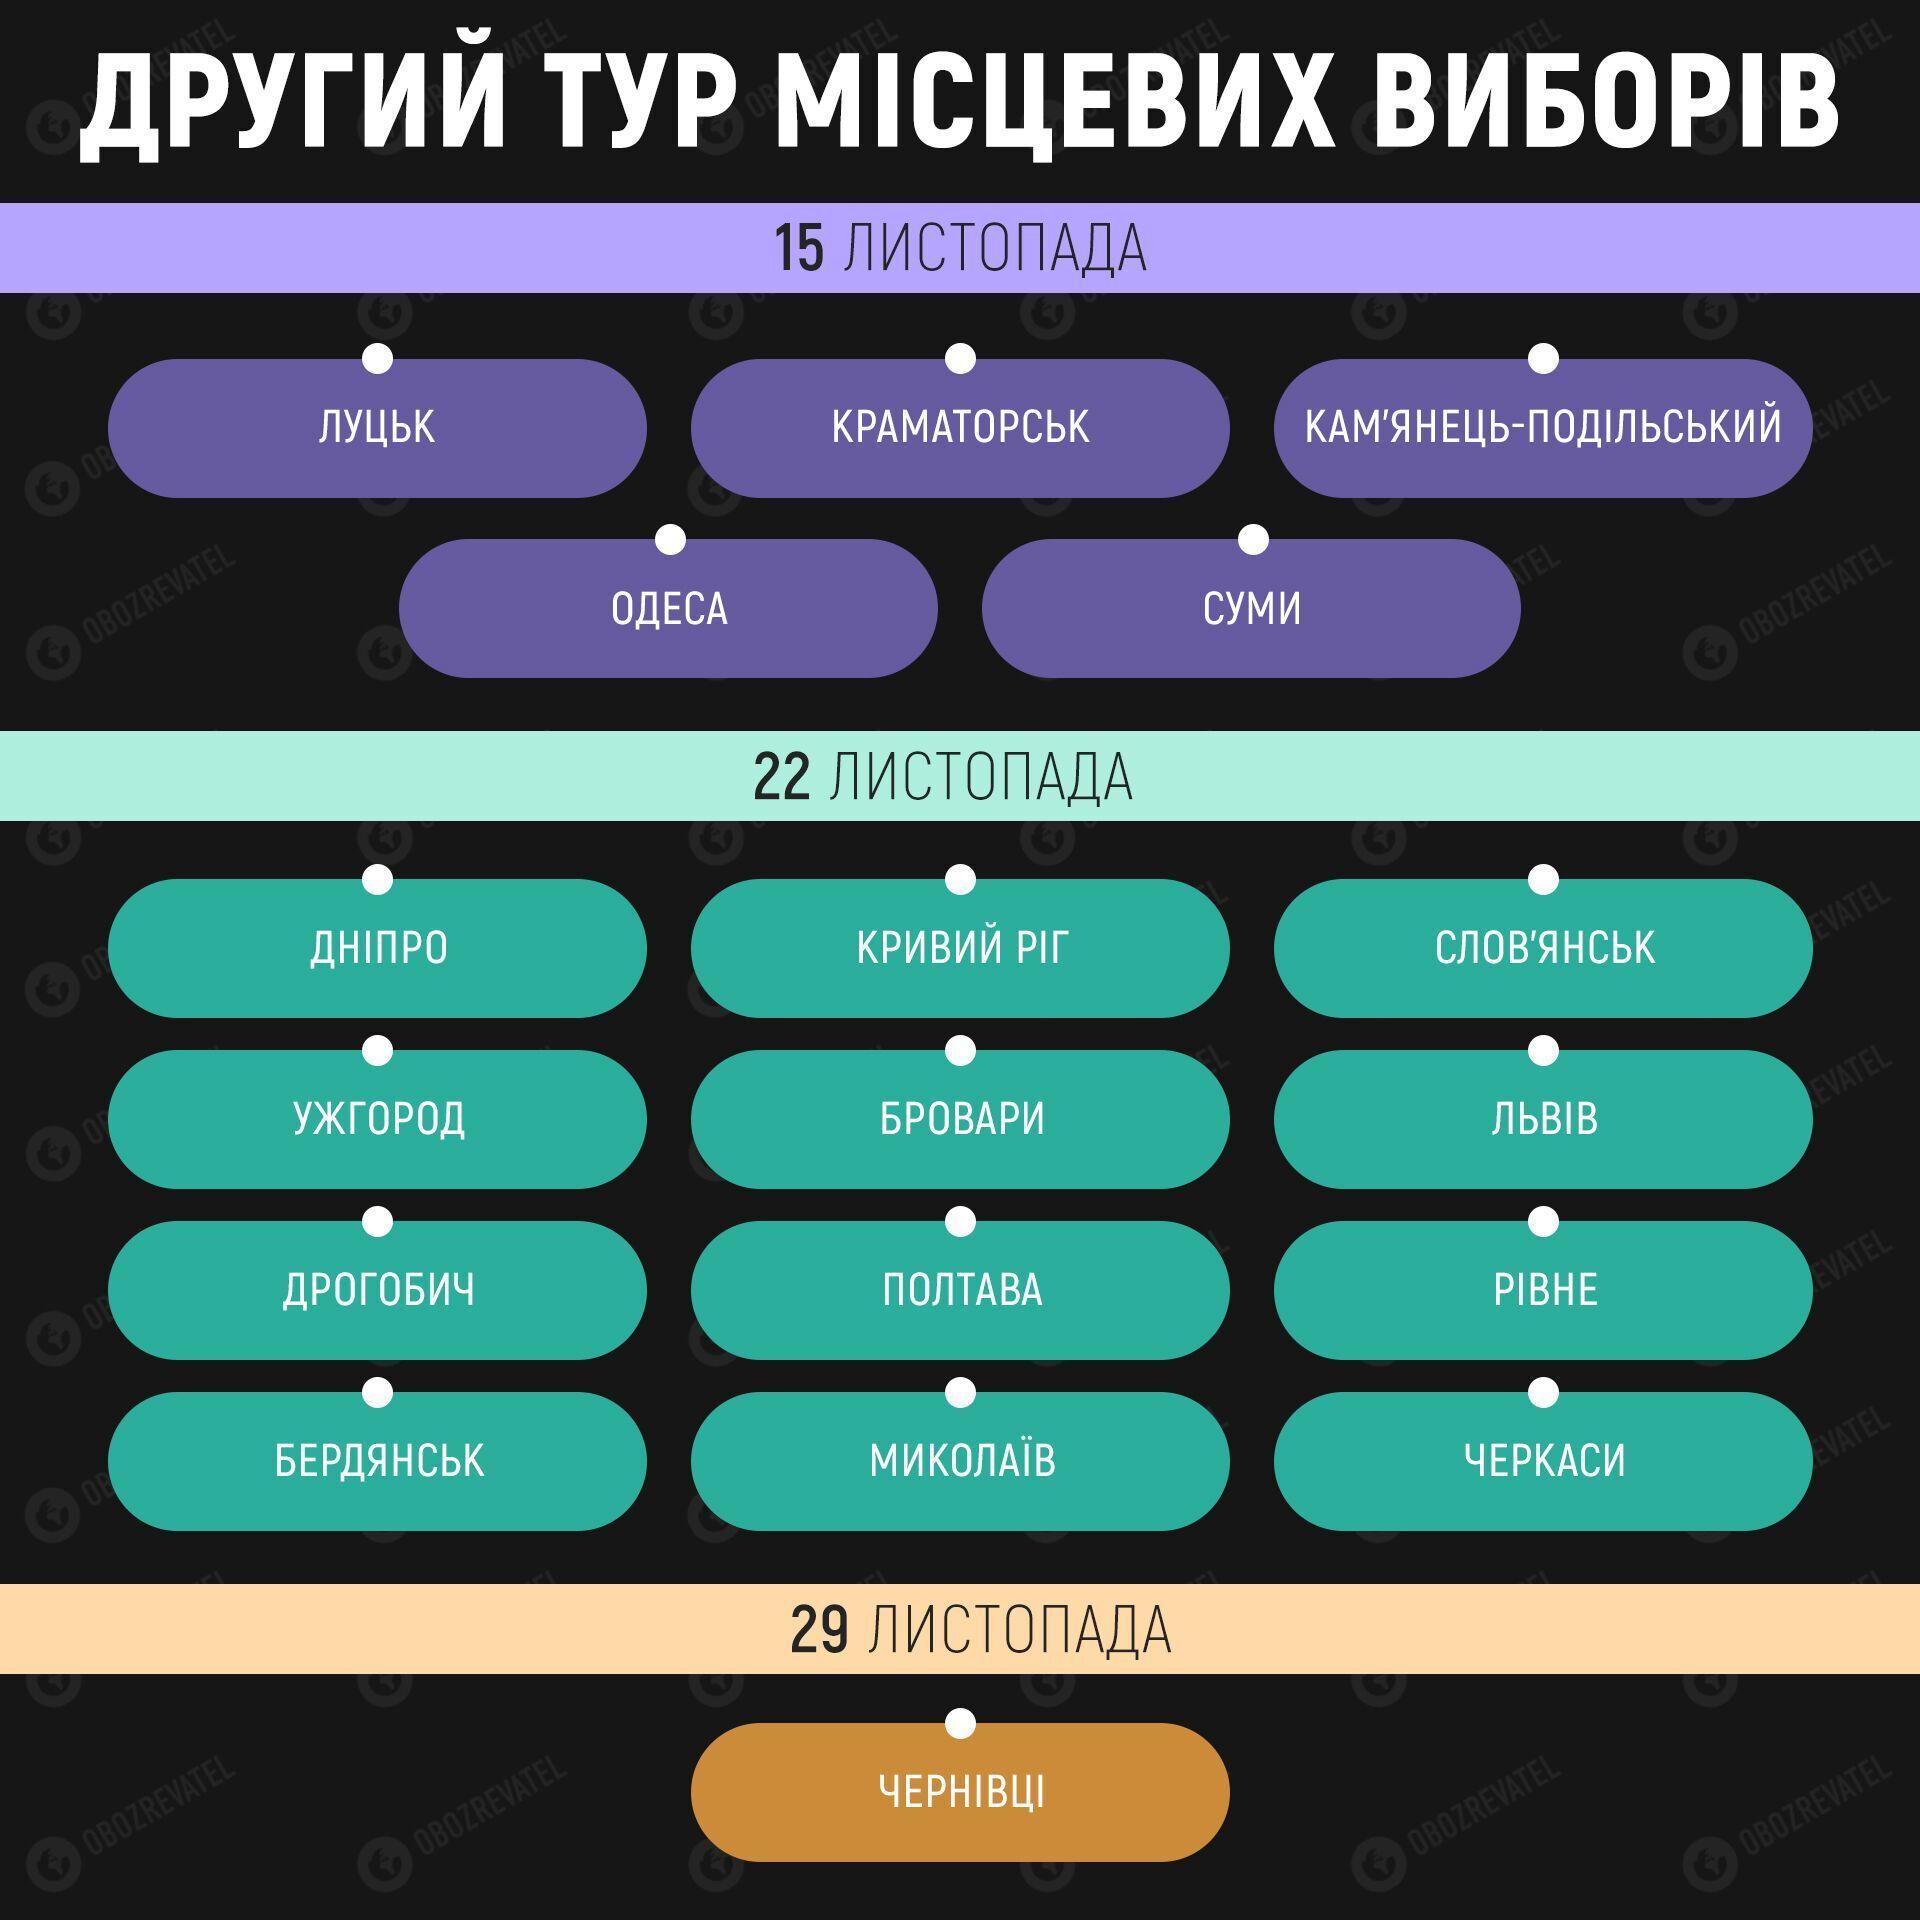 Інфографіка щодо другого туру місцевих виборів в Україні